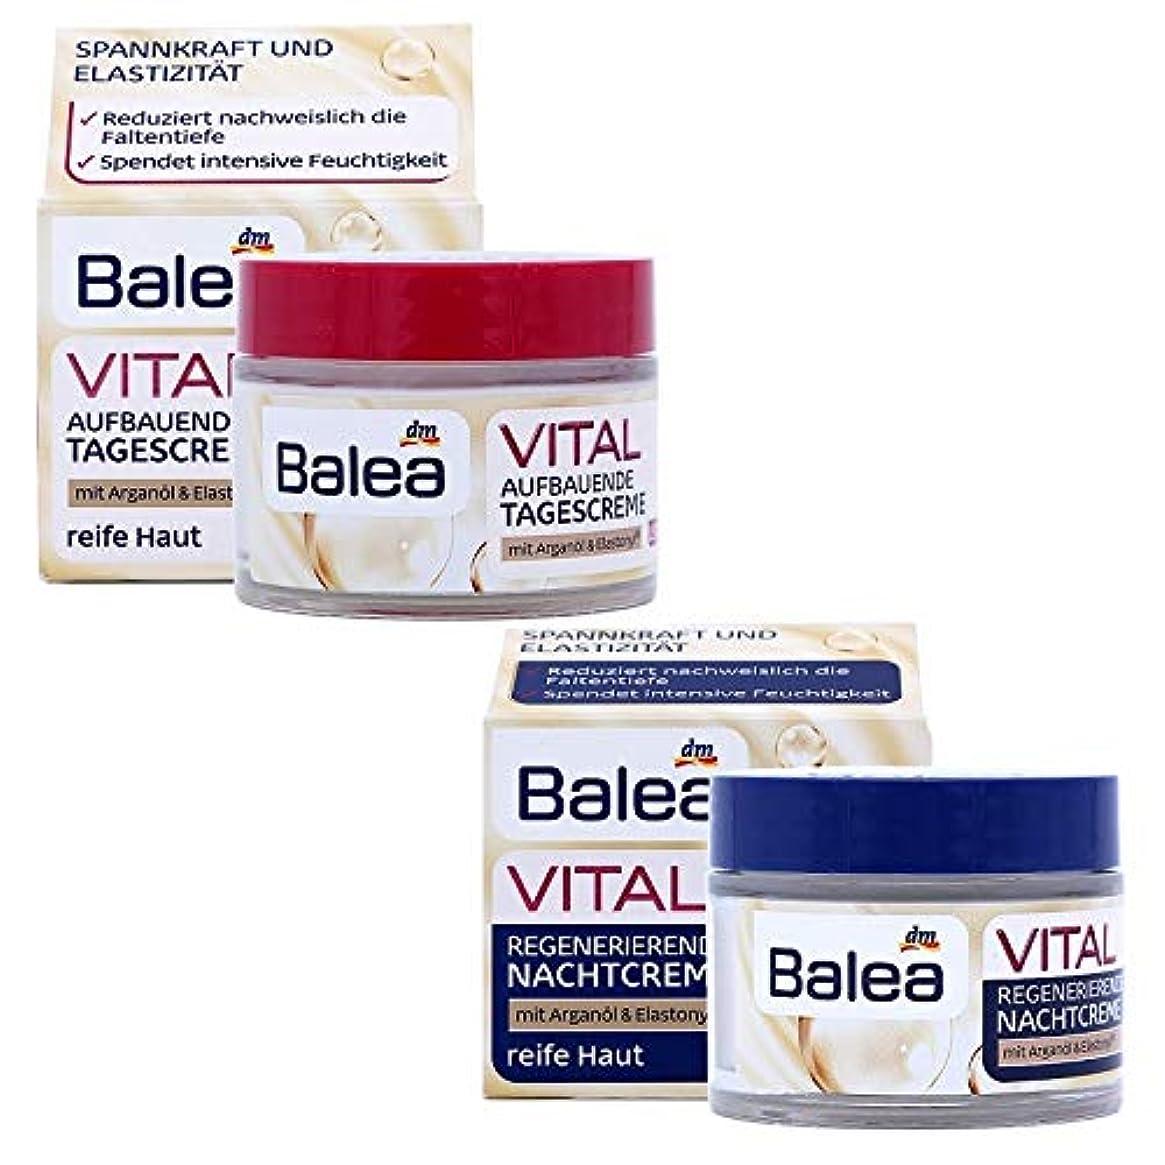 変位年金受給者白菜中高年の年齢のためのバオとBalea Upliffingデイクリーム+ナイトクリームセット40 +アンチリンクルは、弾力性を強化